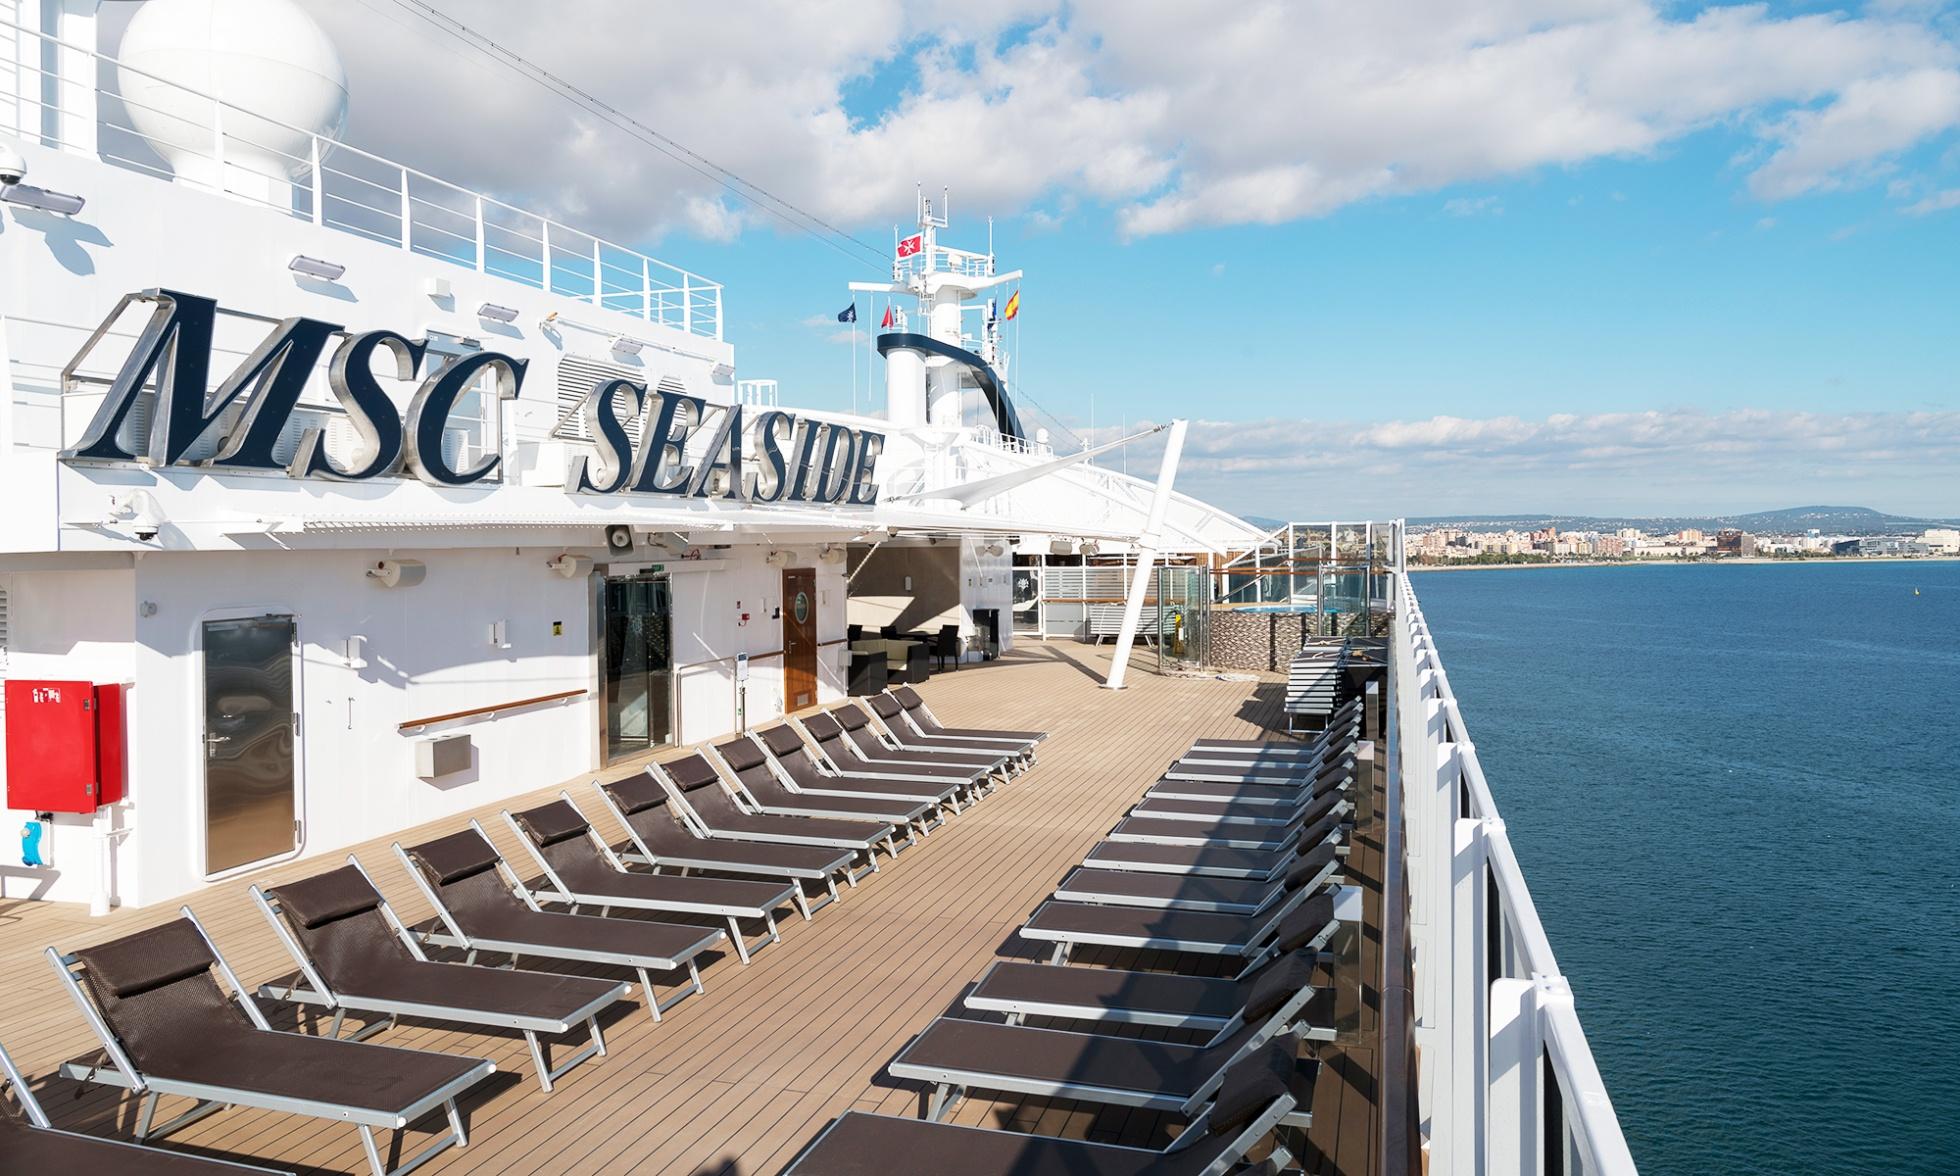 Crociera MSC Seaside Partenza 14 Agosto 7 Notti Cabina Interna cat. Bella